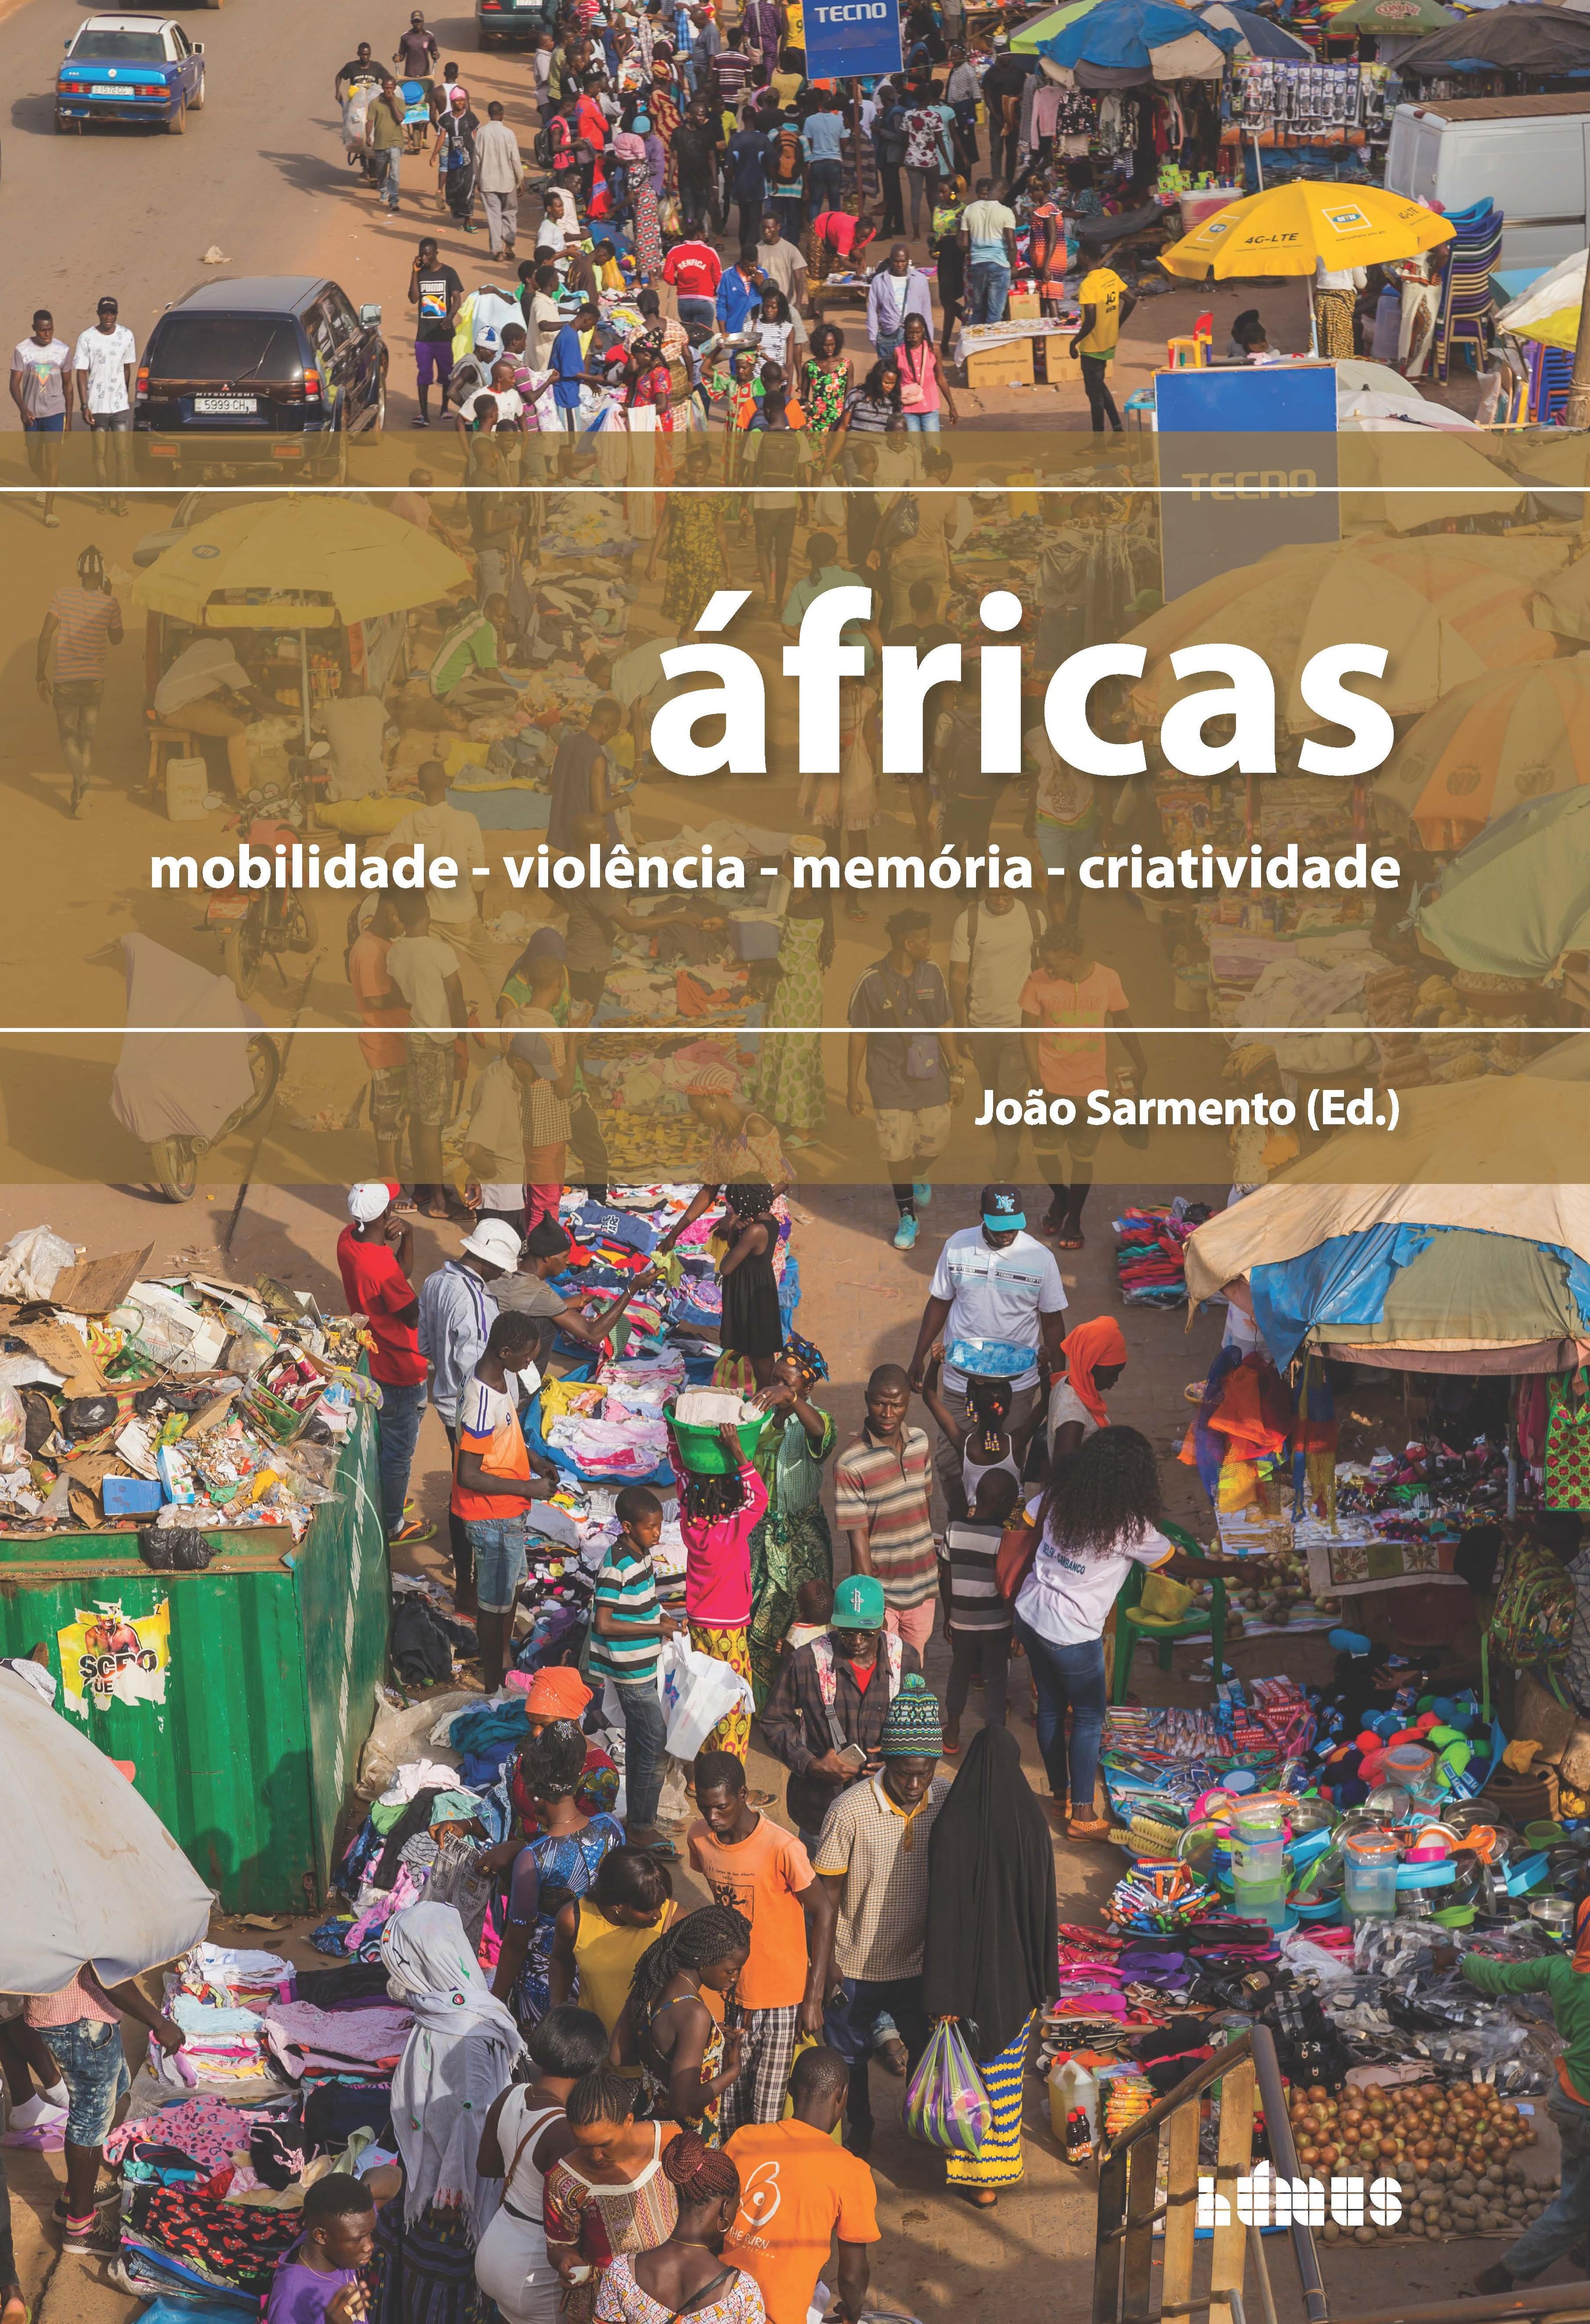 """Nova publicação: """"Áfricas: mobilidade, violência, memória e criatividade"""""""